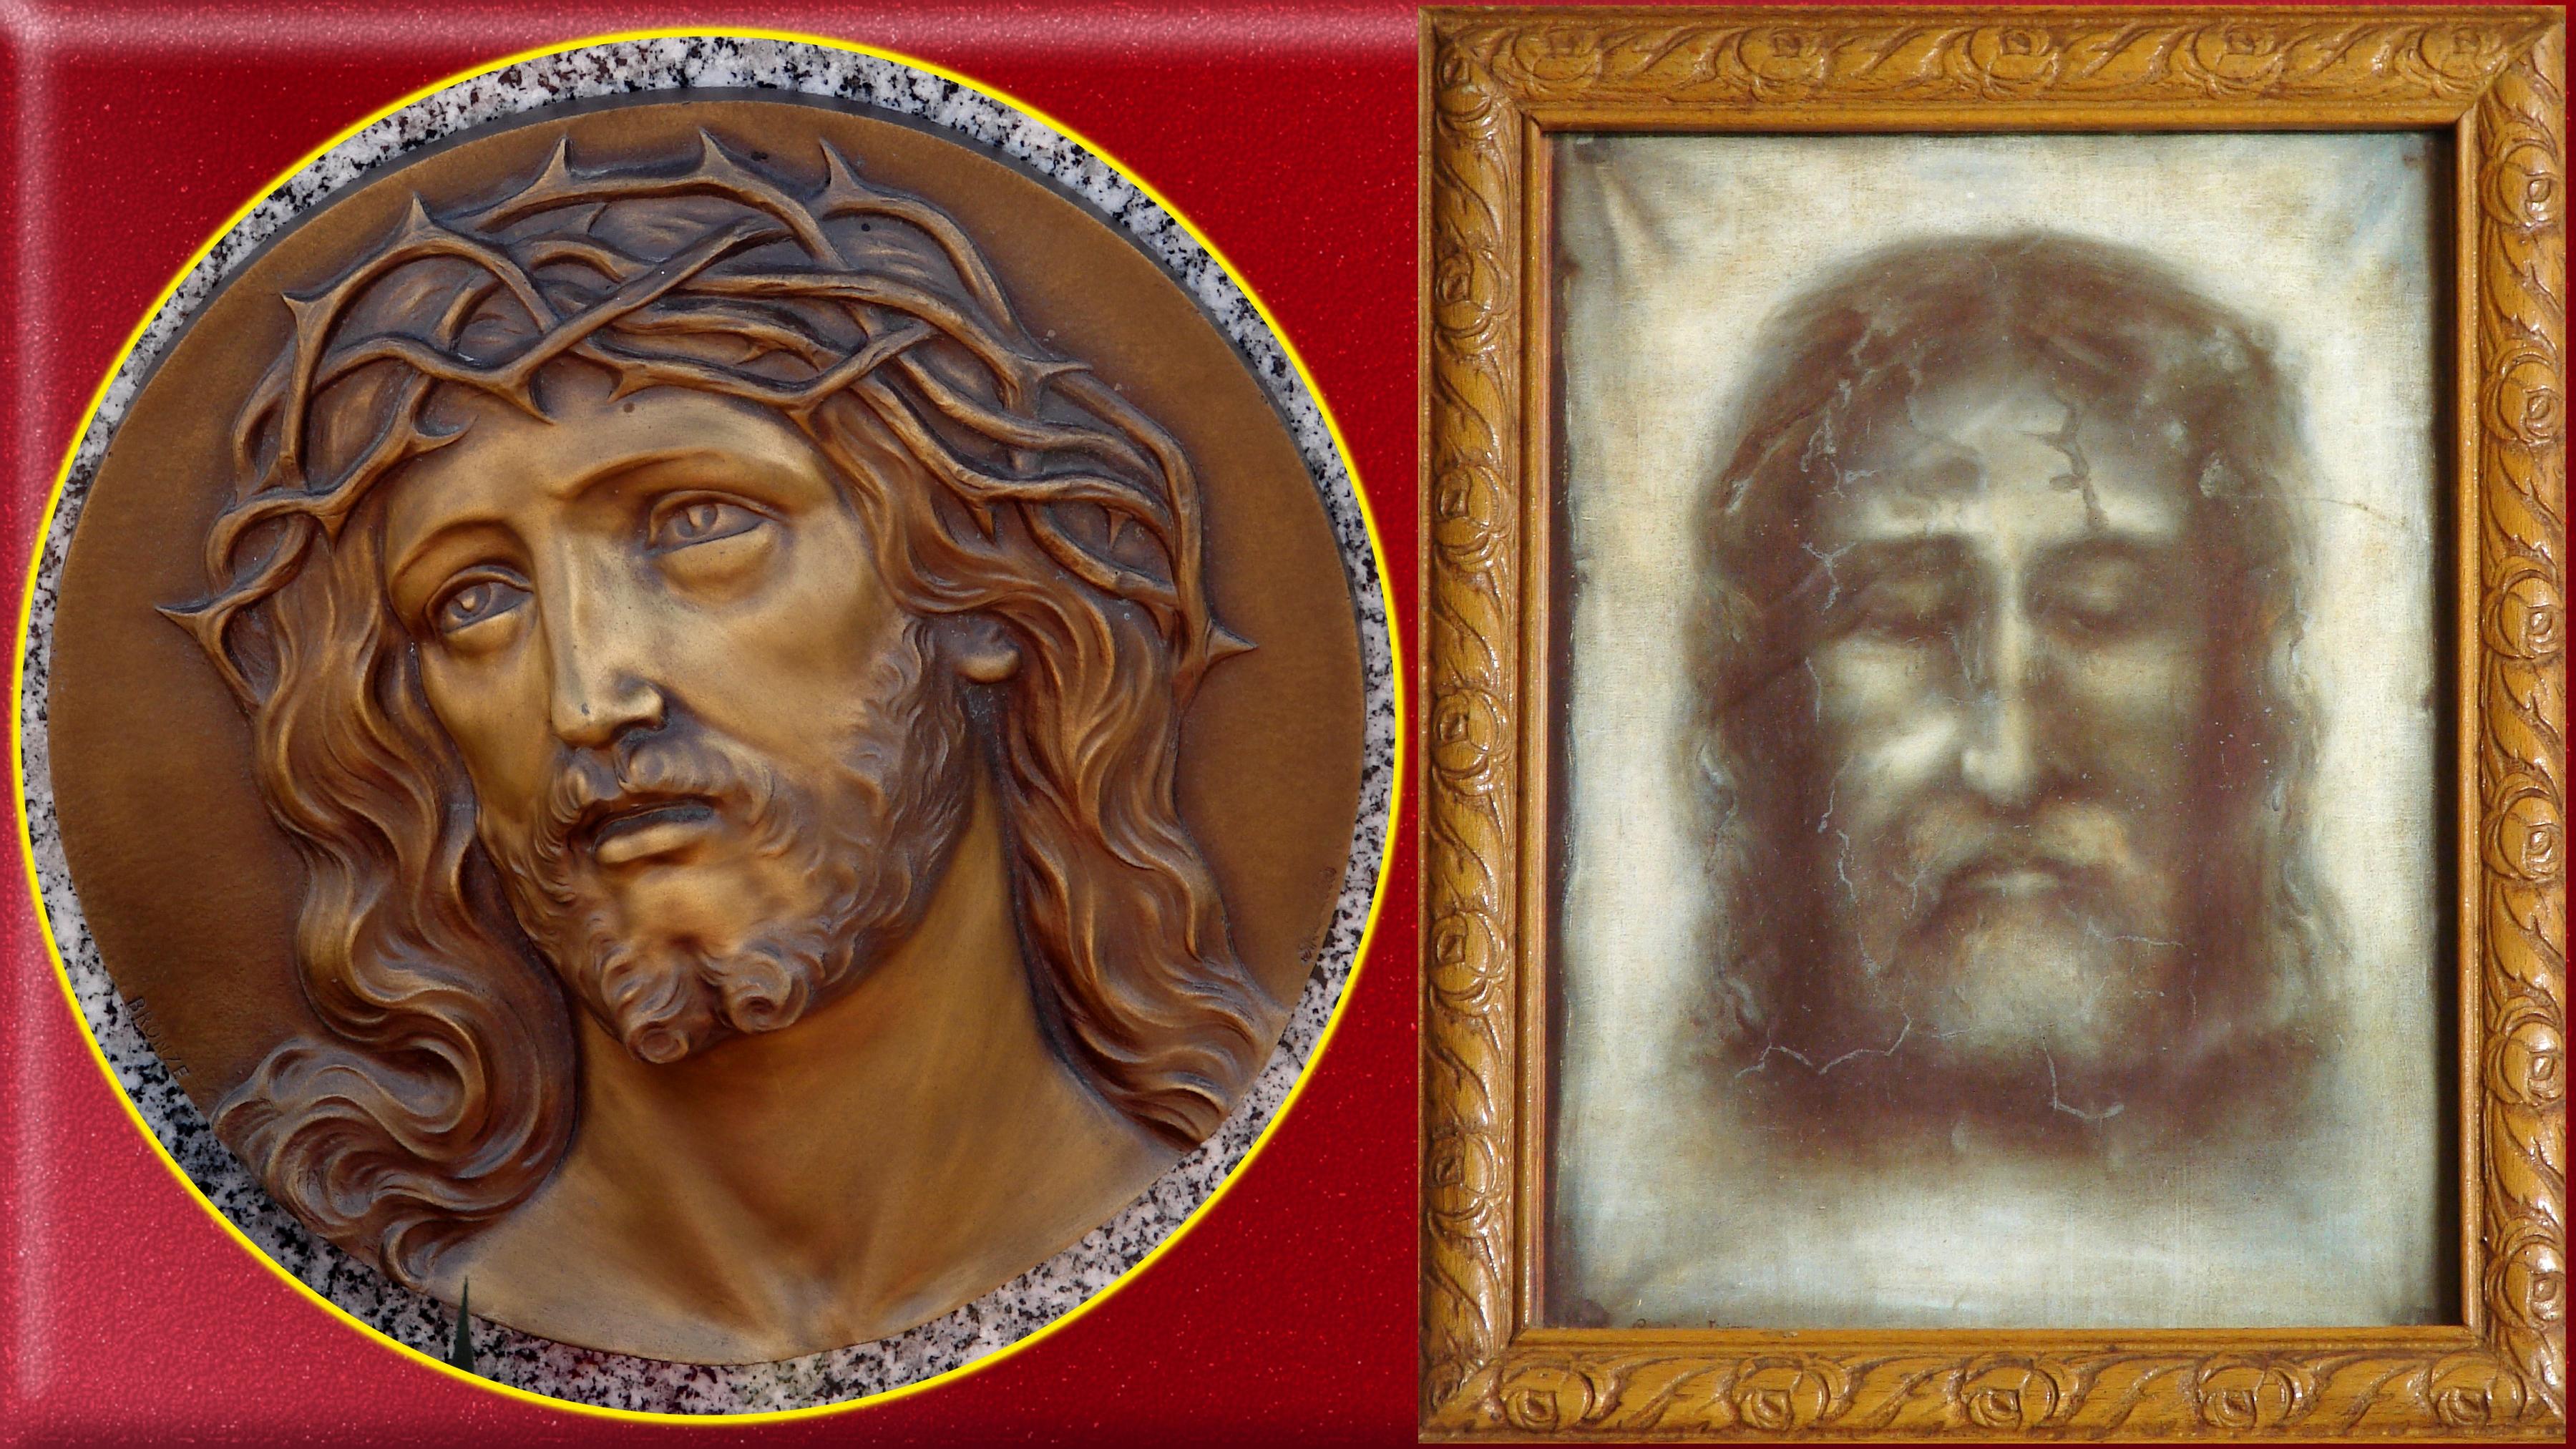 La PASSION selon Saint MATTHIEU Ecce-homo-st-suaire-sombre-5609341